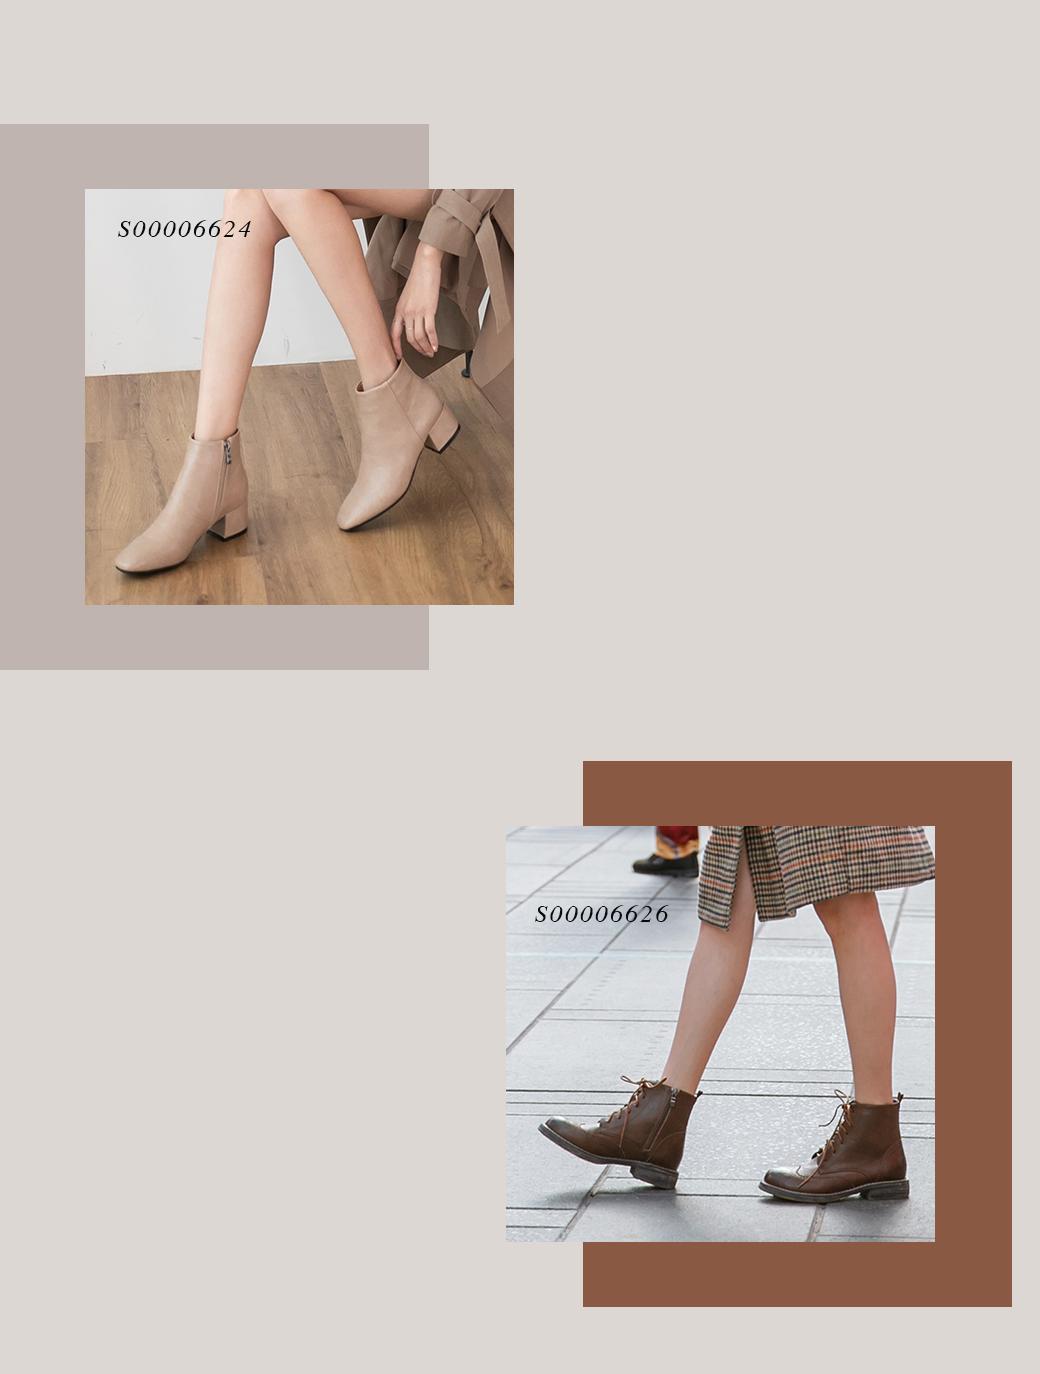 D+AF 襪靴 靴子 素面襪靴